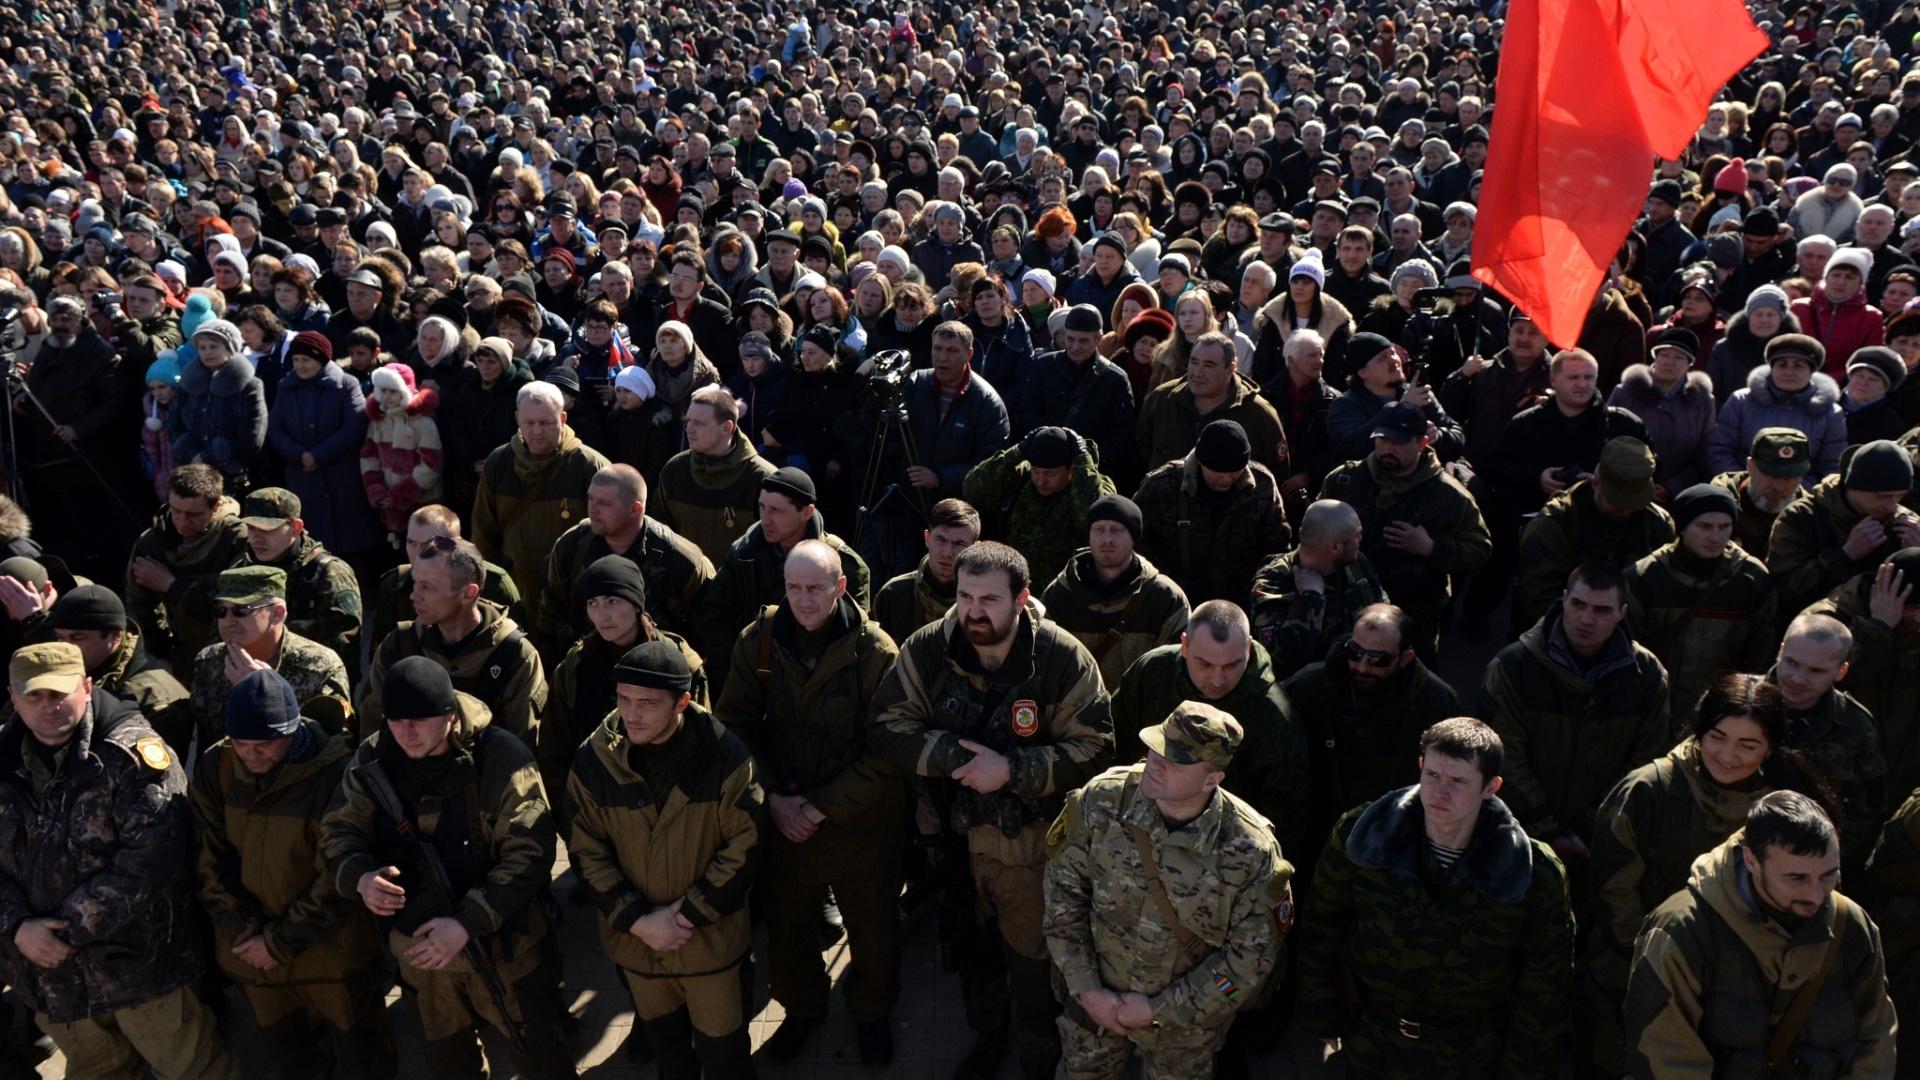 23.fev.2015 - Separatistas pró-russos se reúnem na Praça Lenin, em Donetsk, na autoproclamada República de Donetsk. Dia 23 é celebrado o Dia dos Defensores da Pátria, para homenagear aqueles que serviram às forças armadas, mas também conhecido como dia do homem